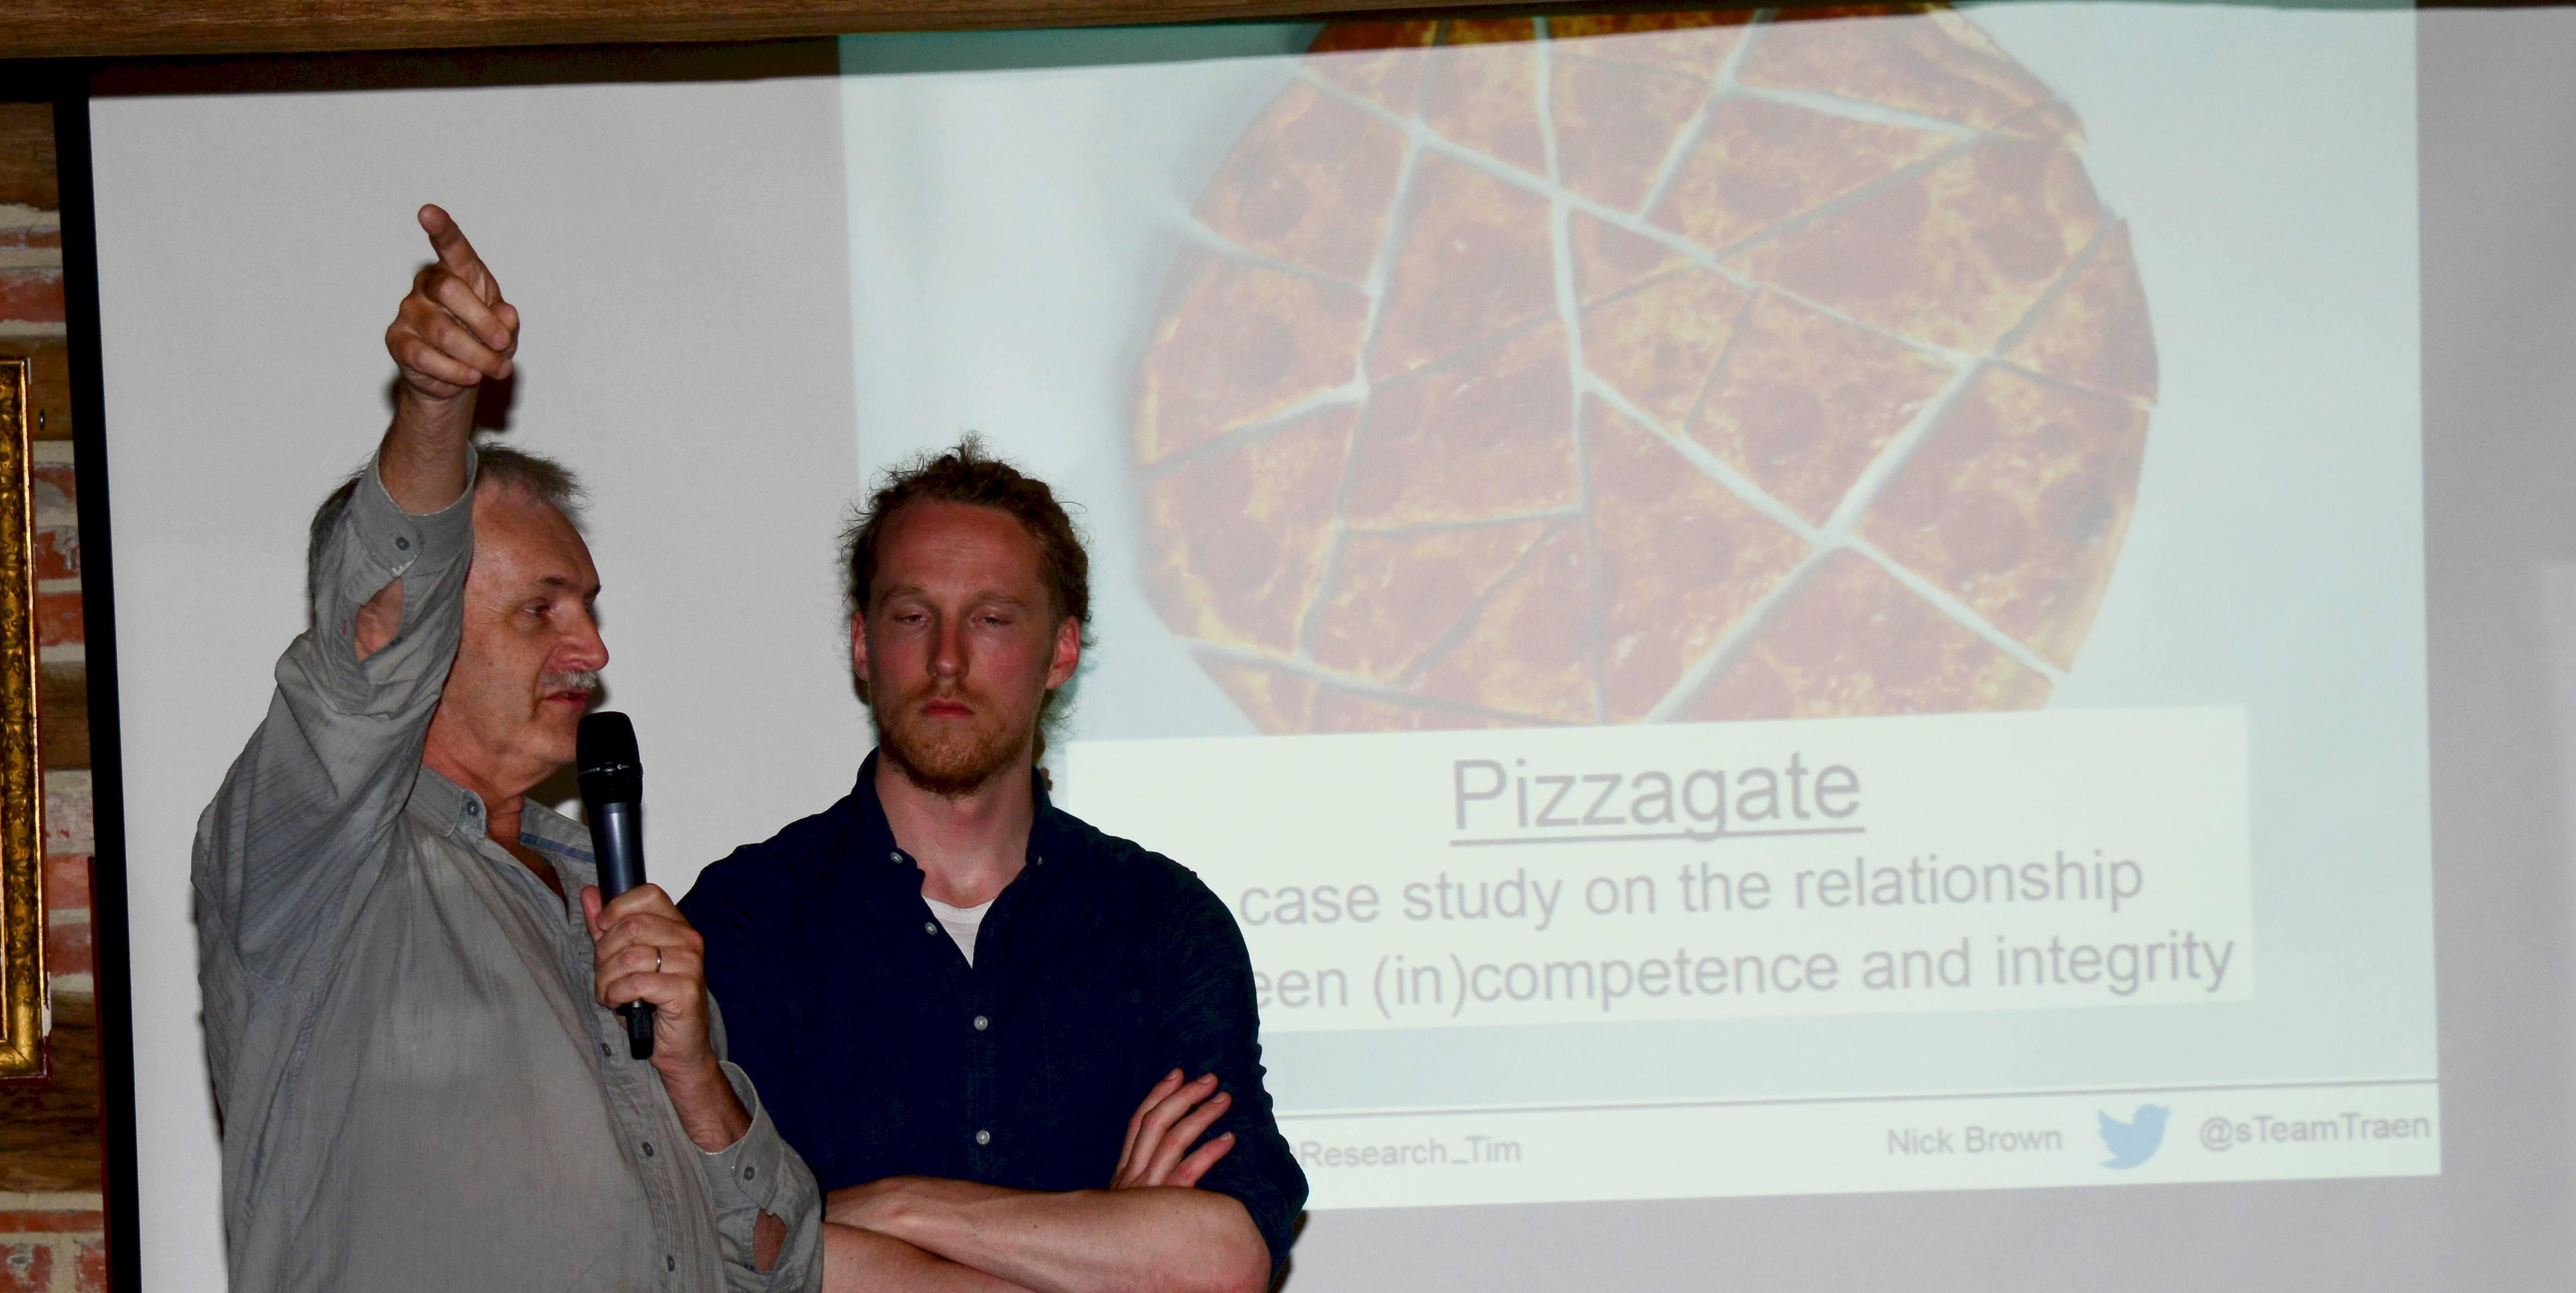 Nick Brown en Tim van der Zee bij Pizzagate (foto: Jozef Van Giel)